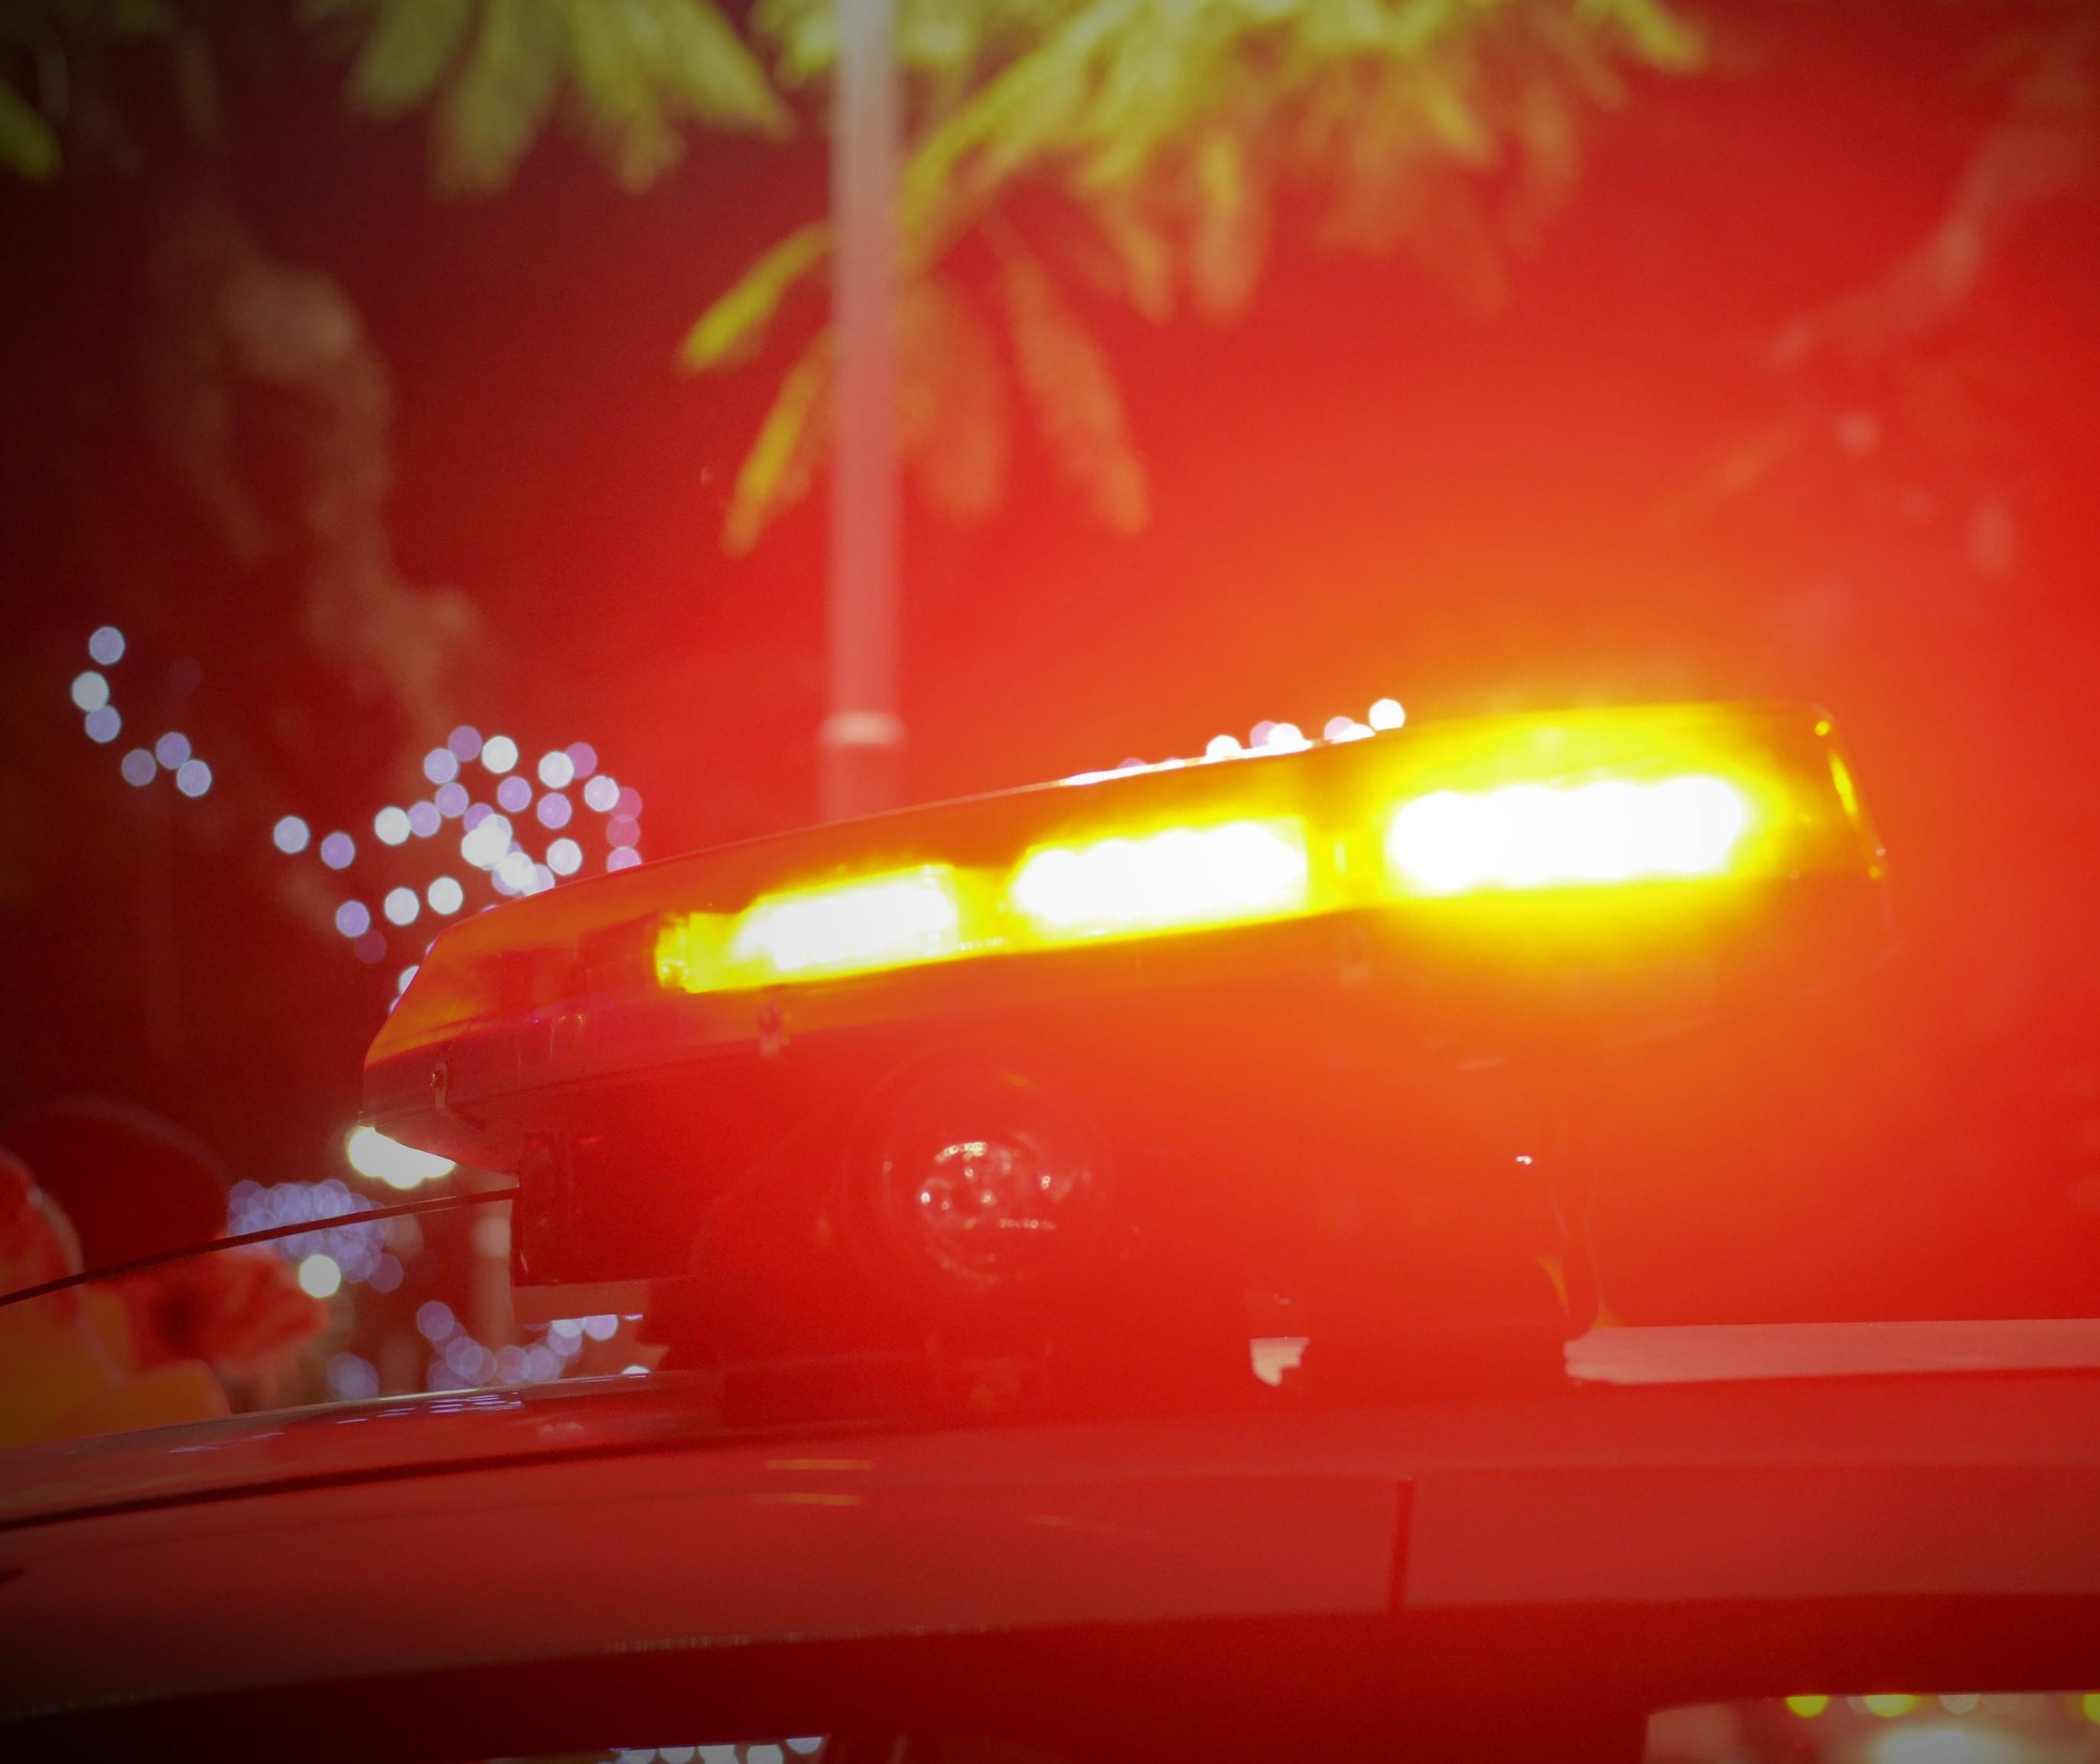 Jovem é ferido na cabeça em tentativa de homicídio no Conjunto Requião